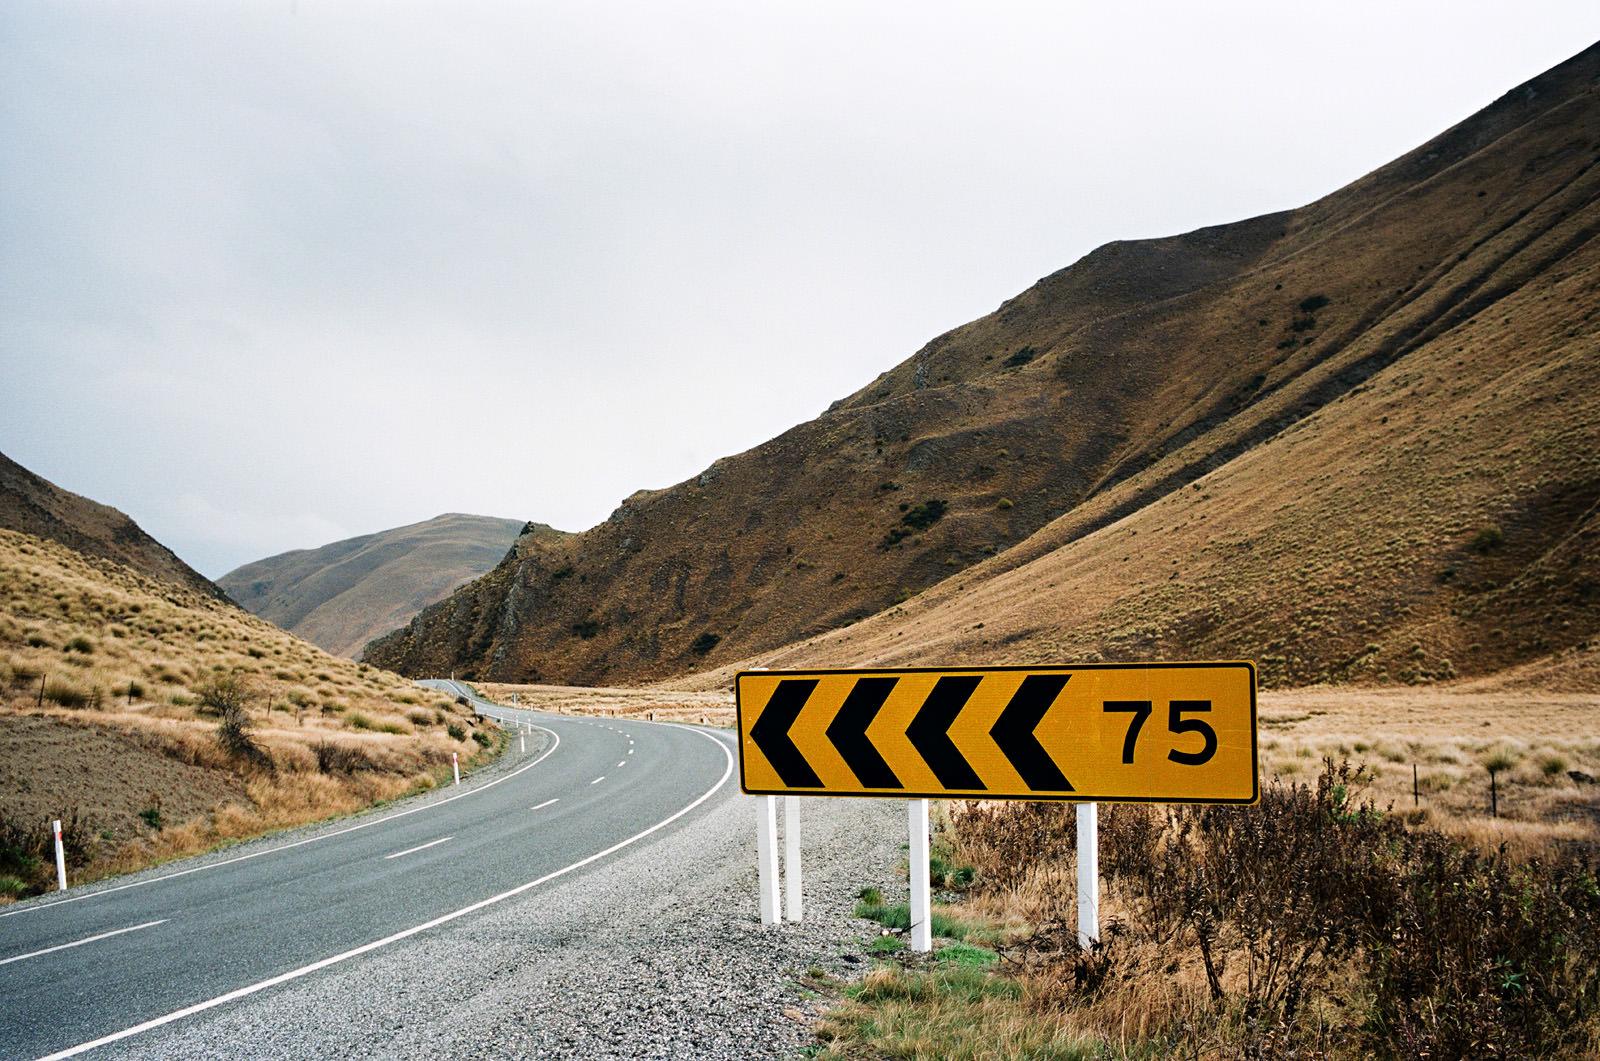 nz-635 NEW ZEALAND